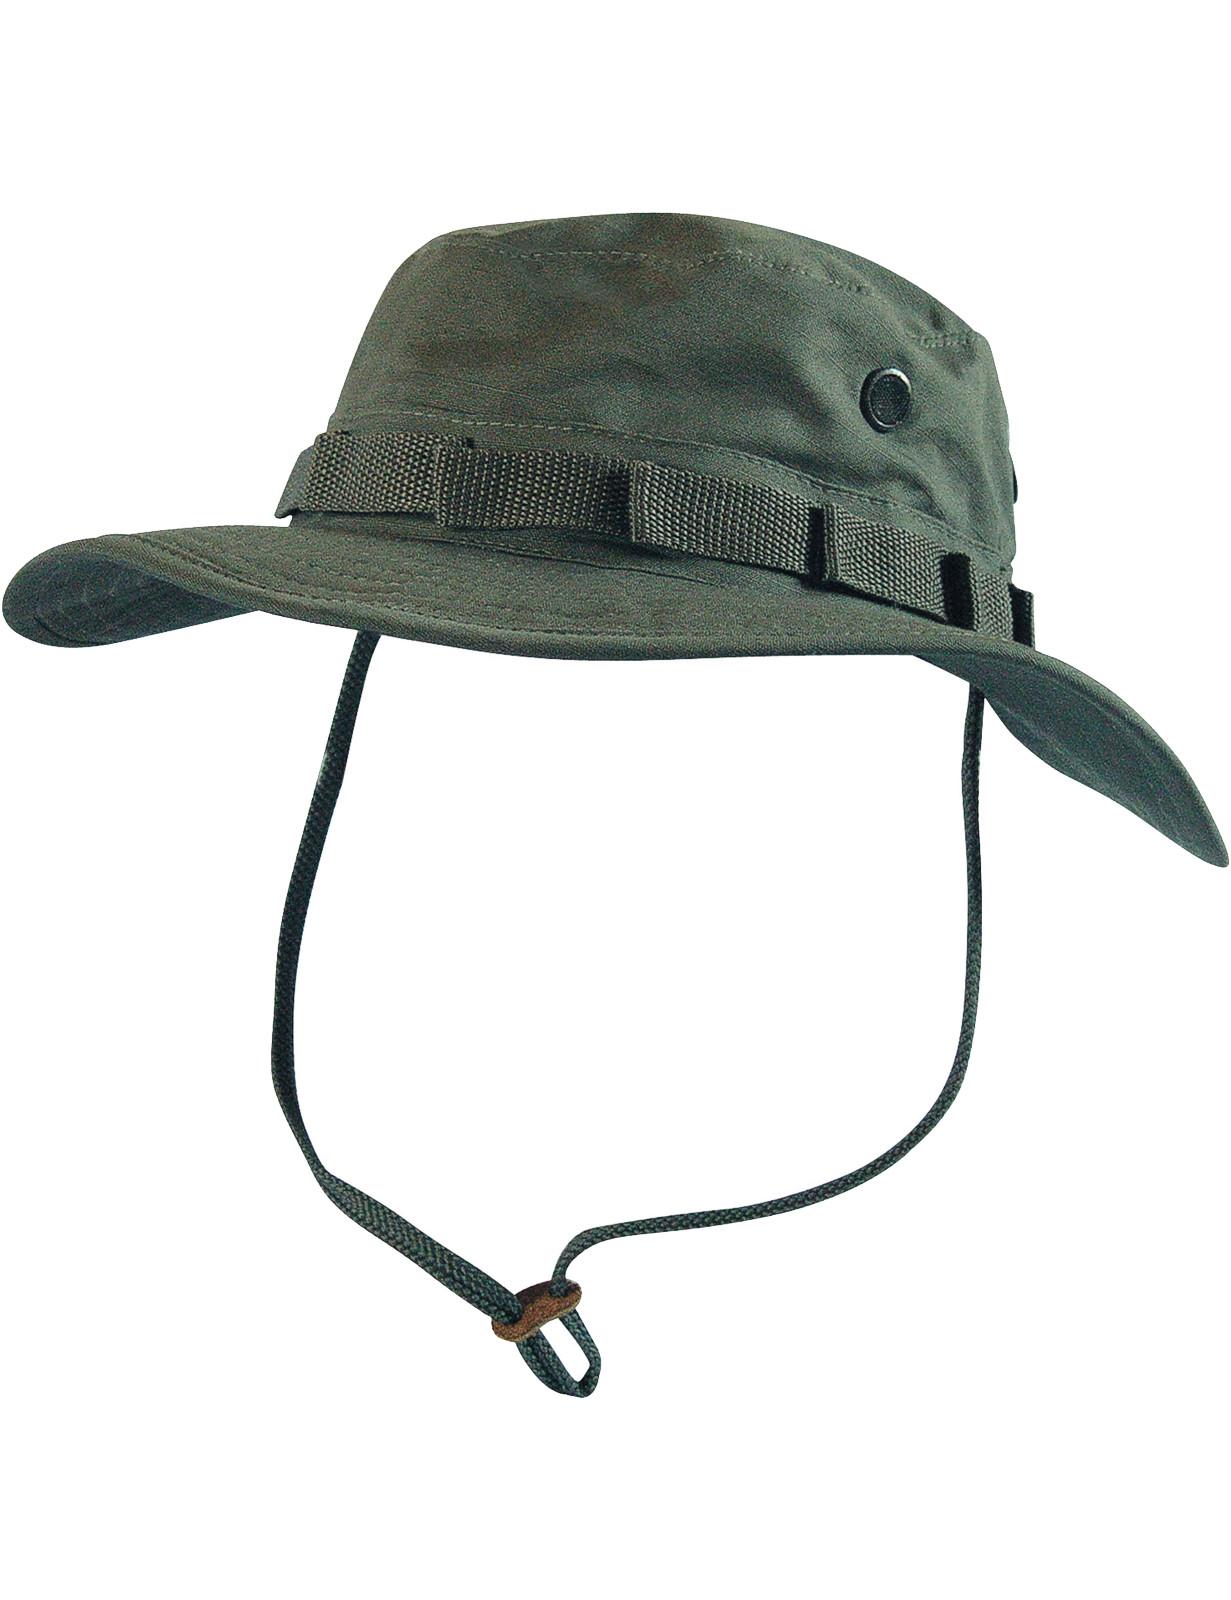 Boonie Hat Buschut GI Army Tropen Hut Grün Oliv